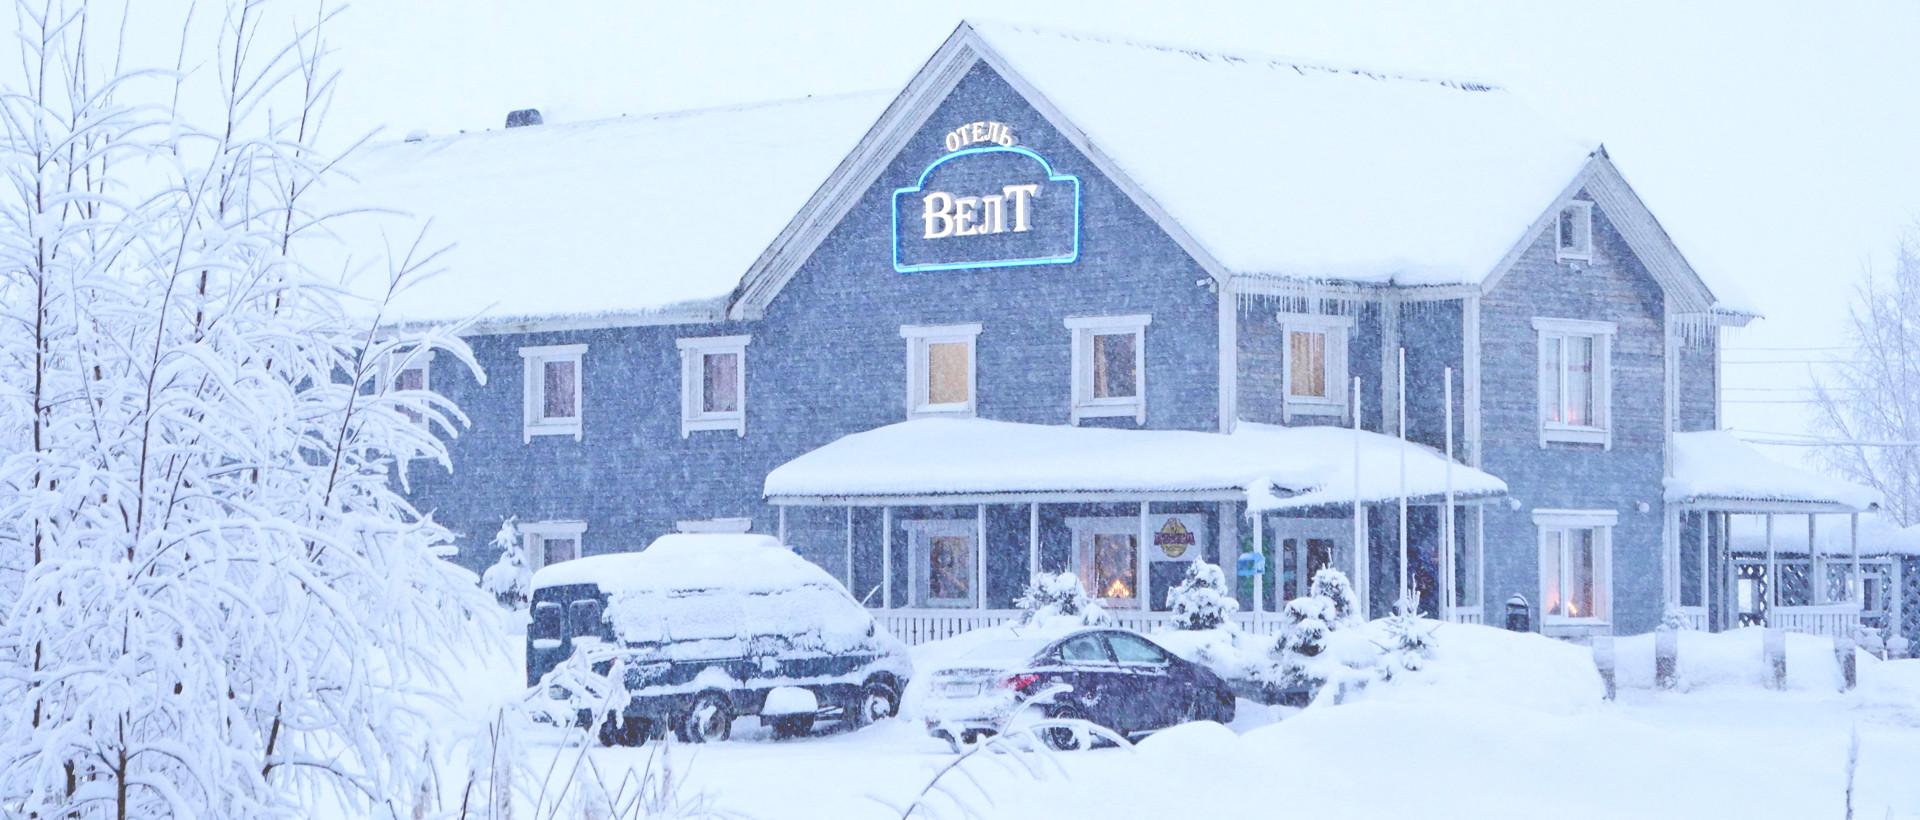 Отель ВелТ зимой